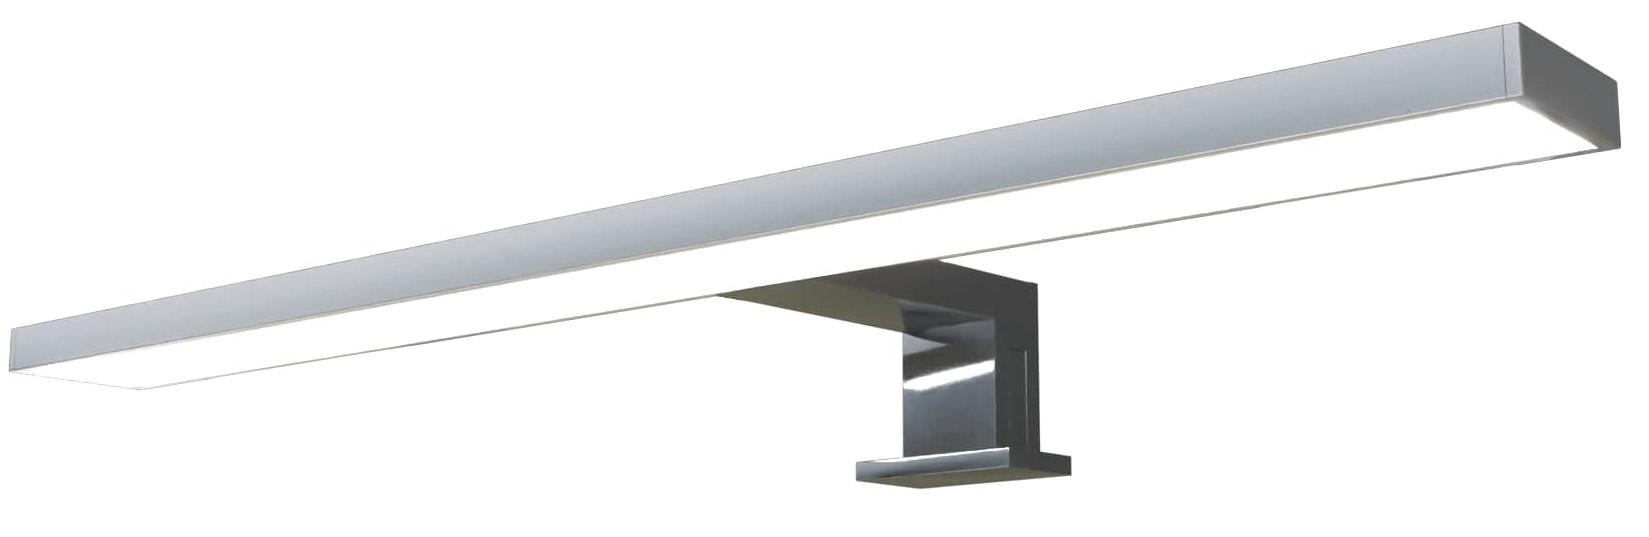 Φωτιστικό Sanitec LF 1172